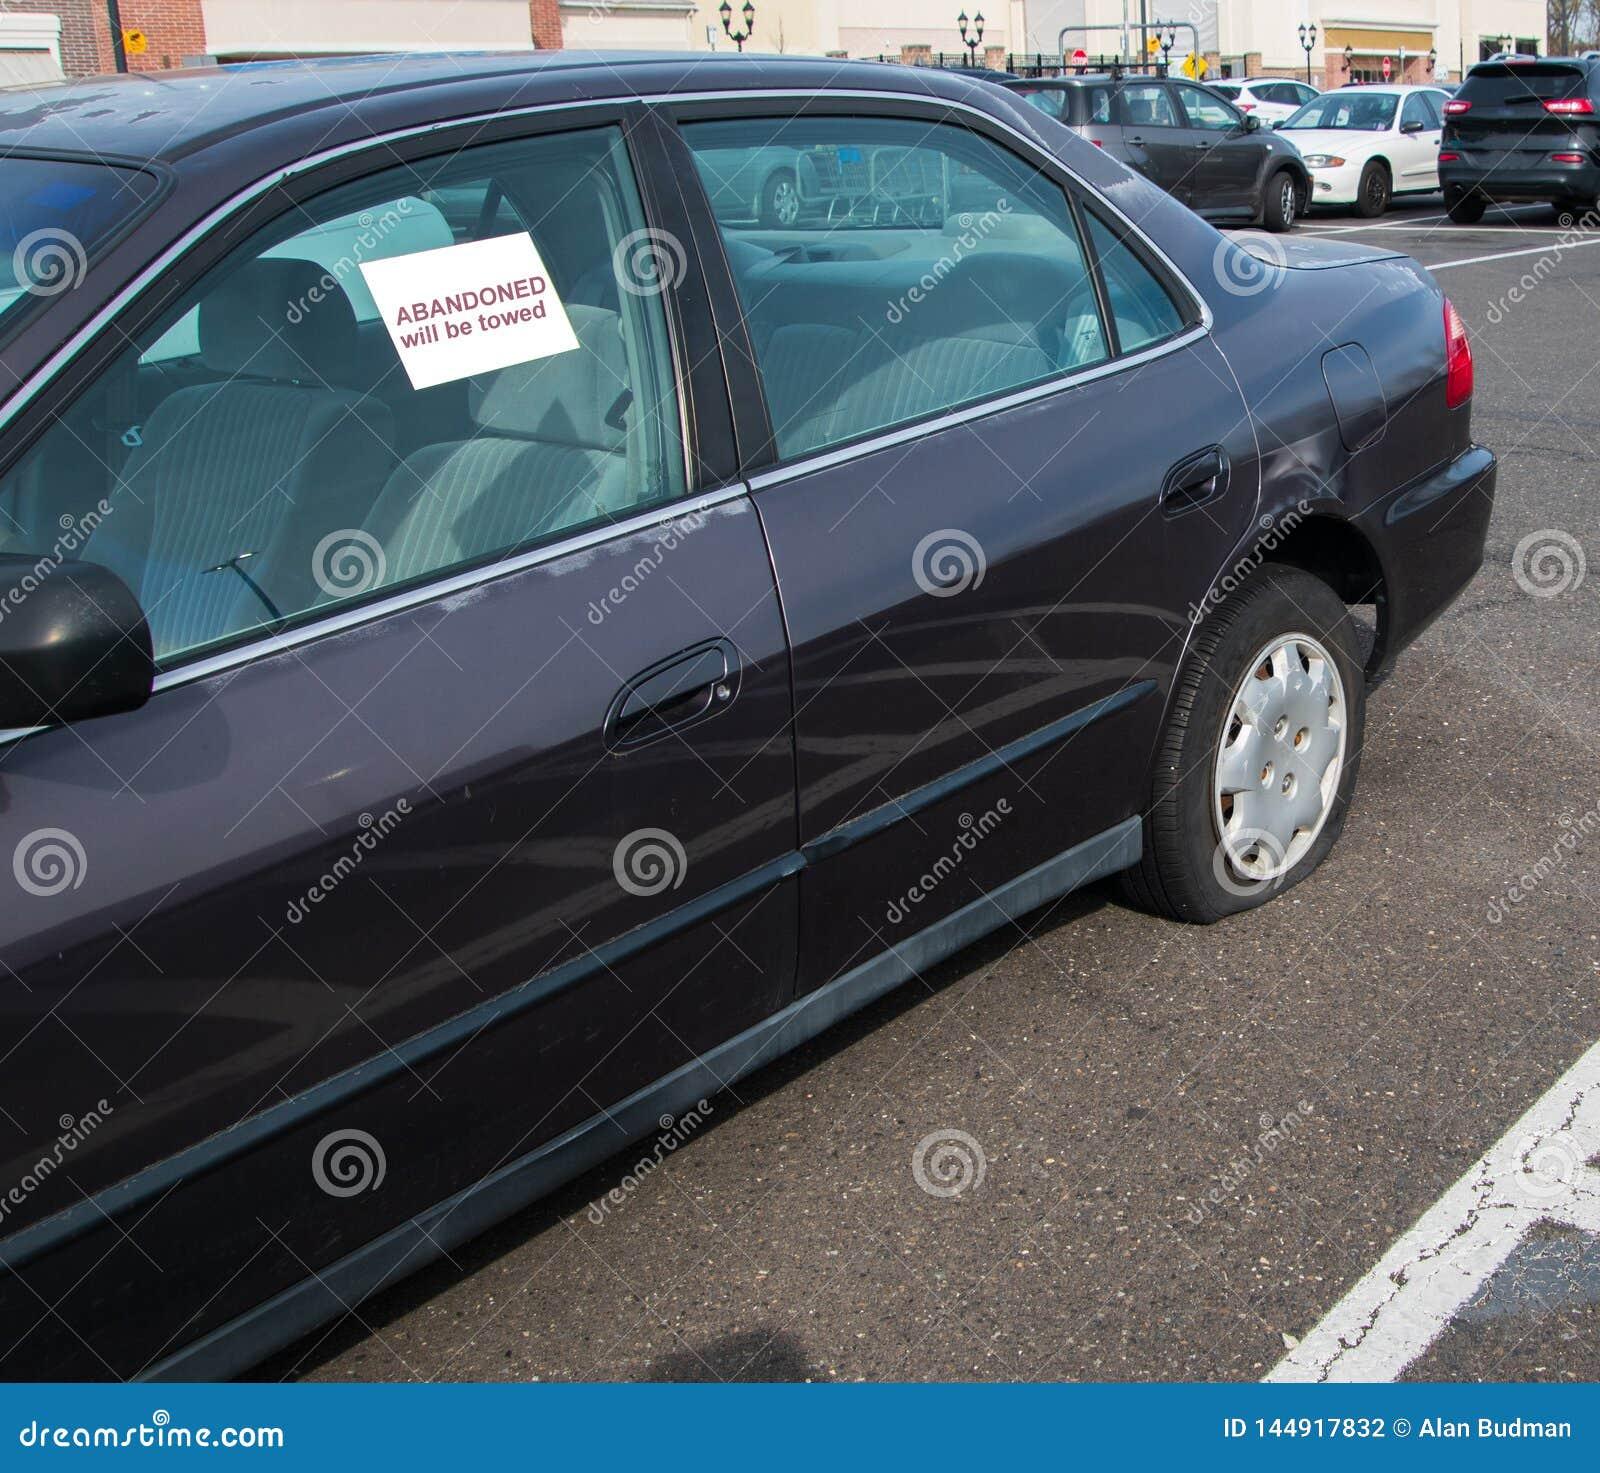 Старый автомобиль со спущенной шиной в парковке со стикером на окне ко